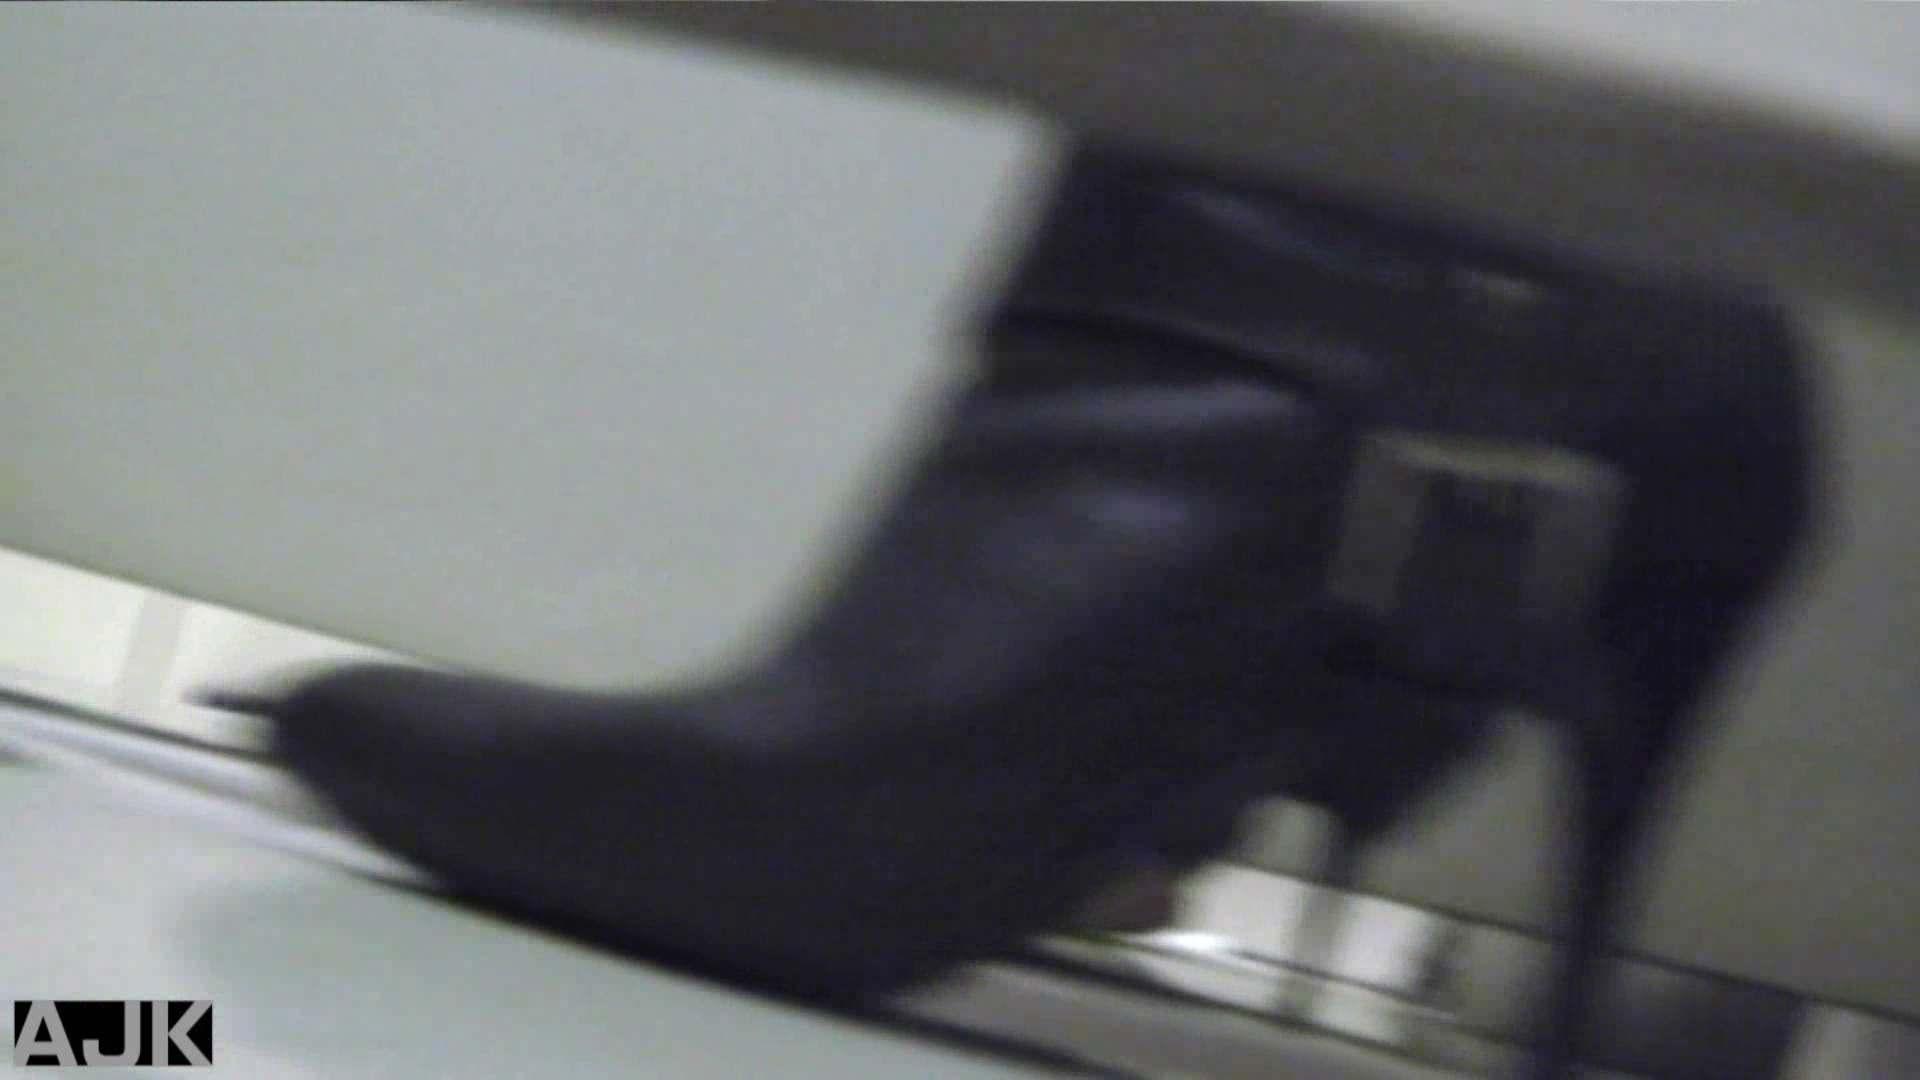 隣国上階級エリアの令嬢たちが集うデパートお手洗い Vol.01 丸見え  53PIX 21